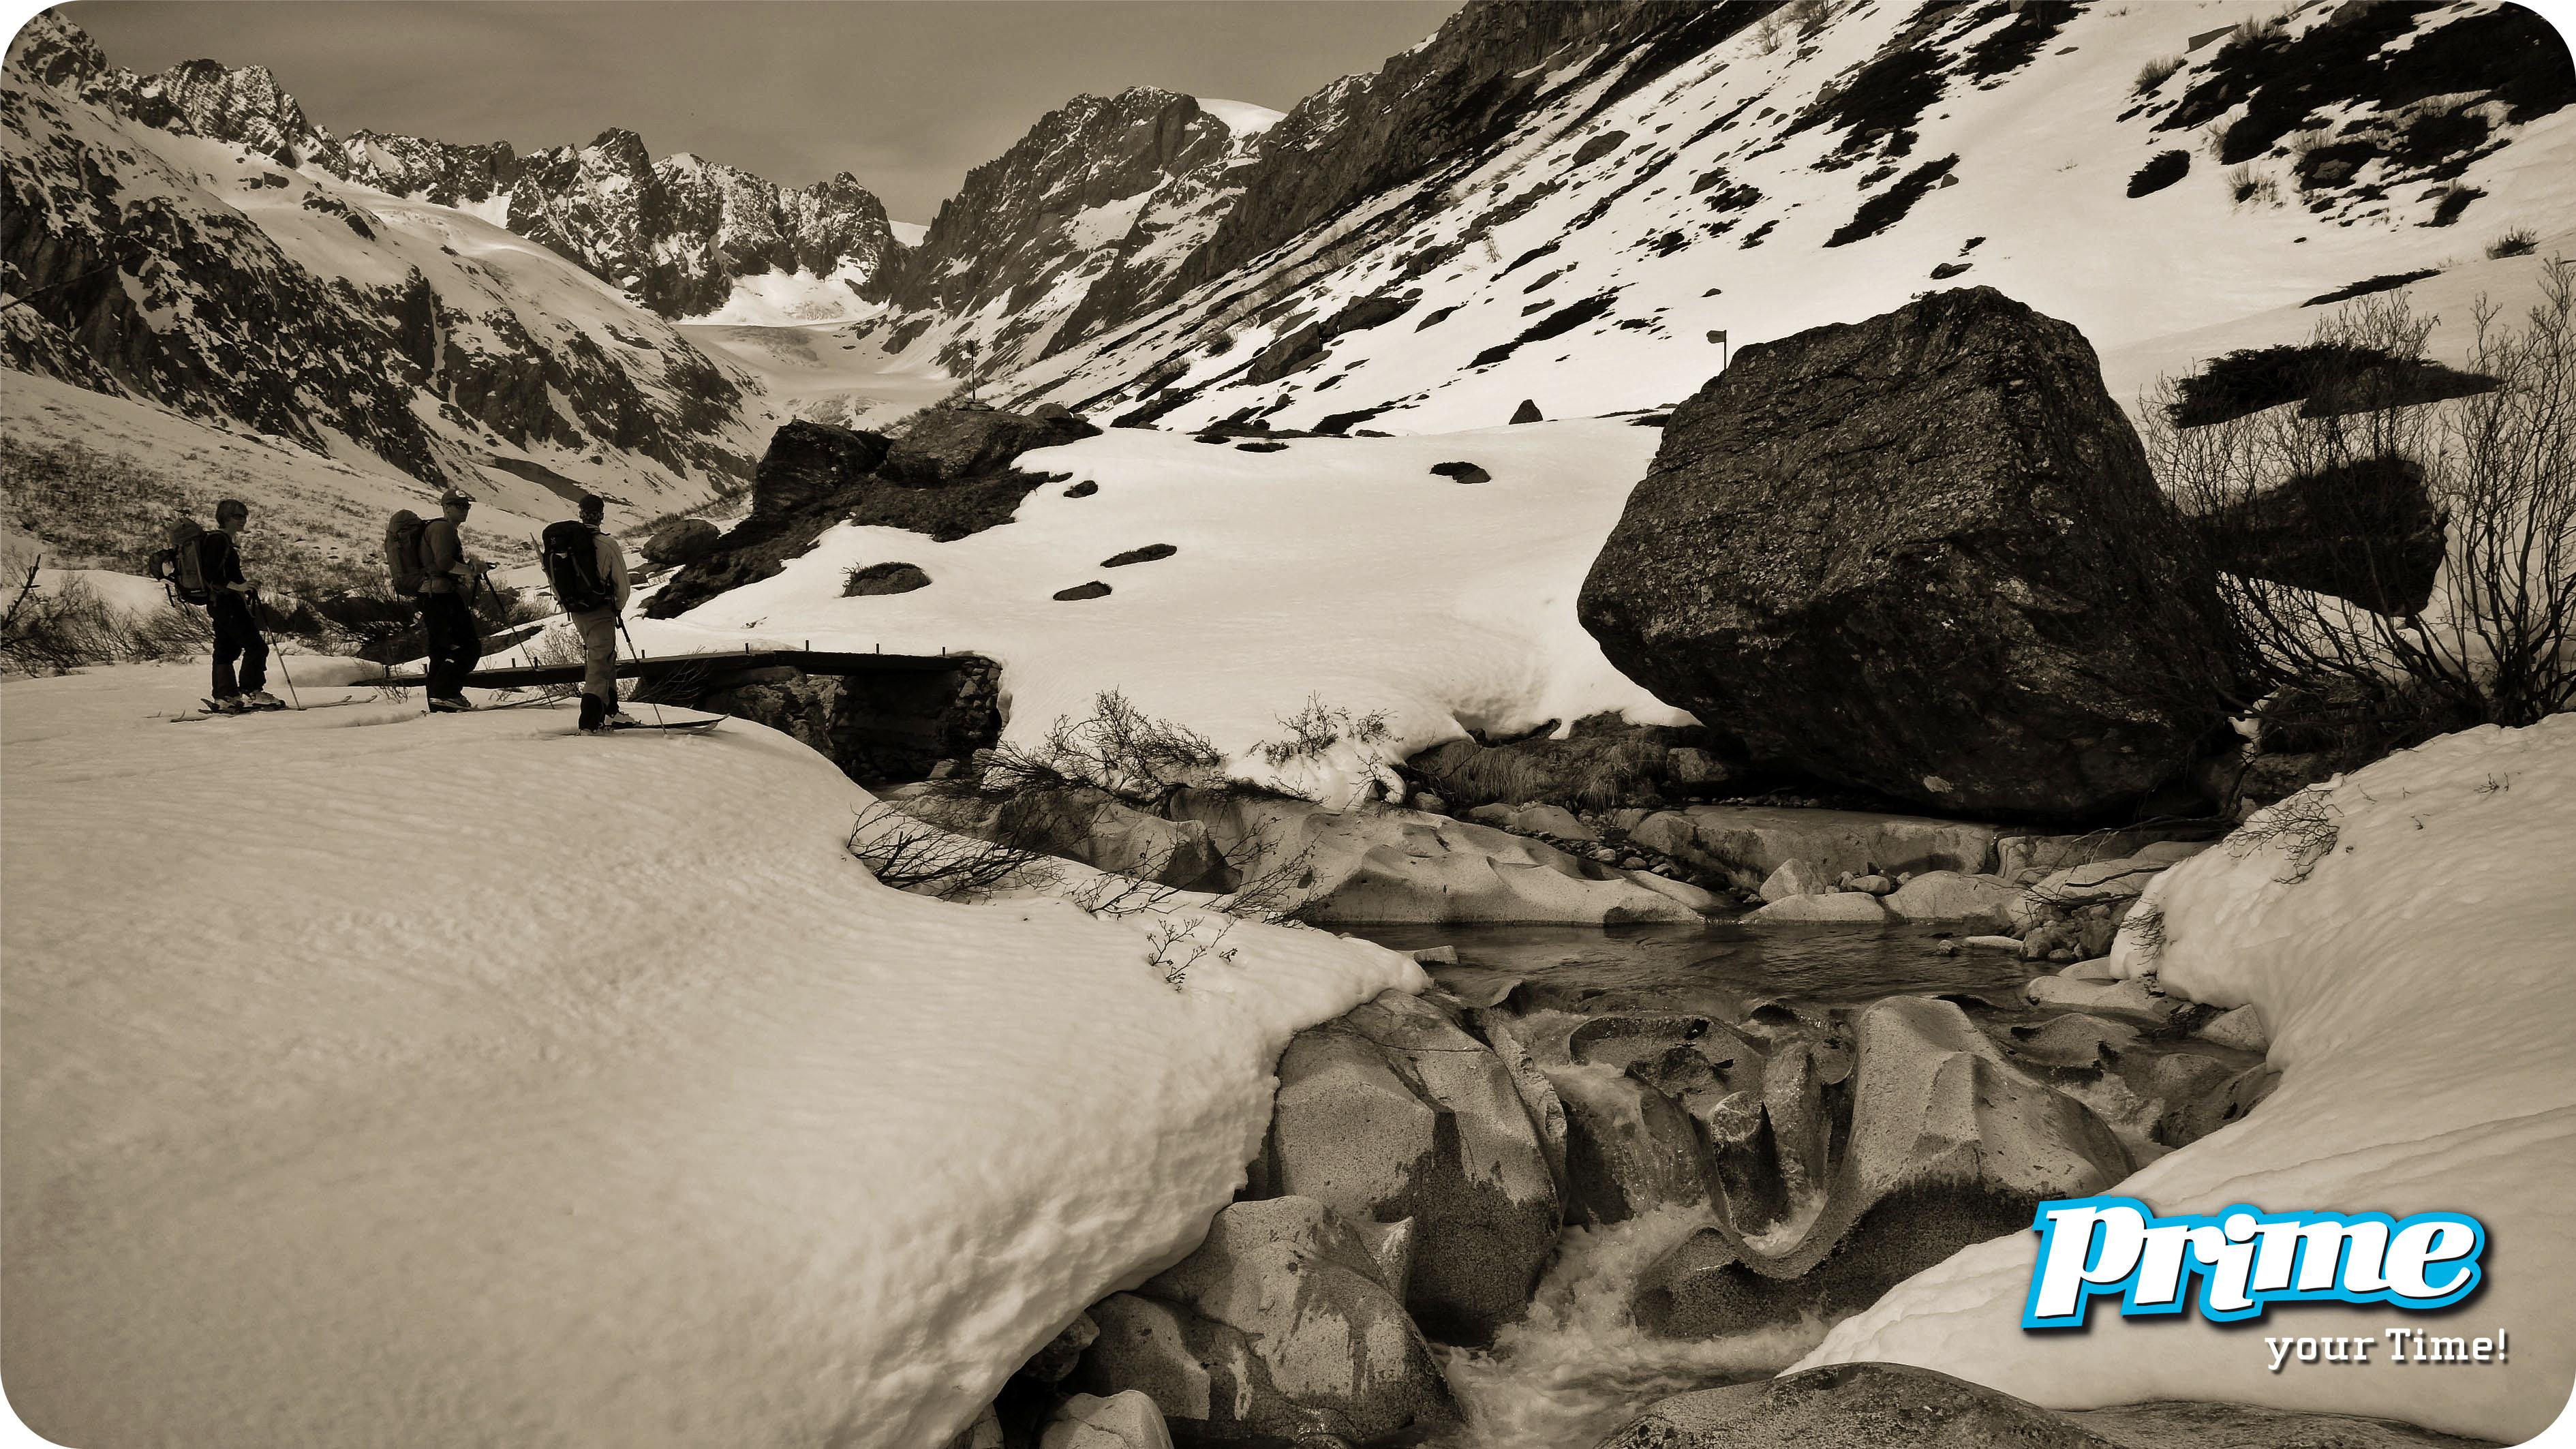 Klettergurt Für Skitouren : Ausrüstung skitouren norwegen held paul